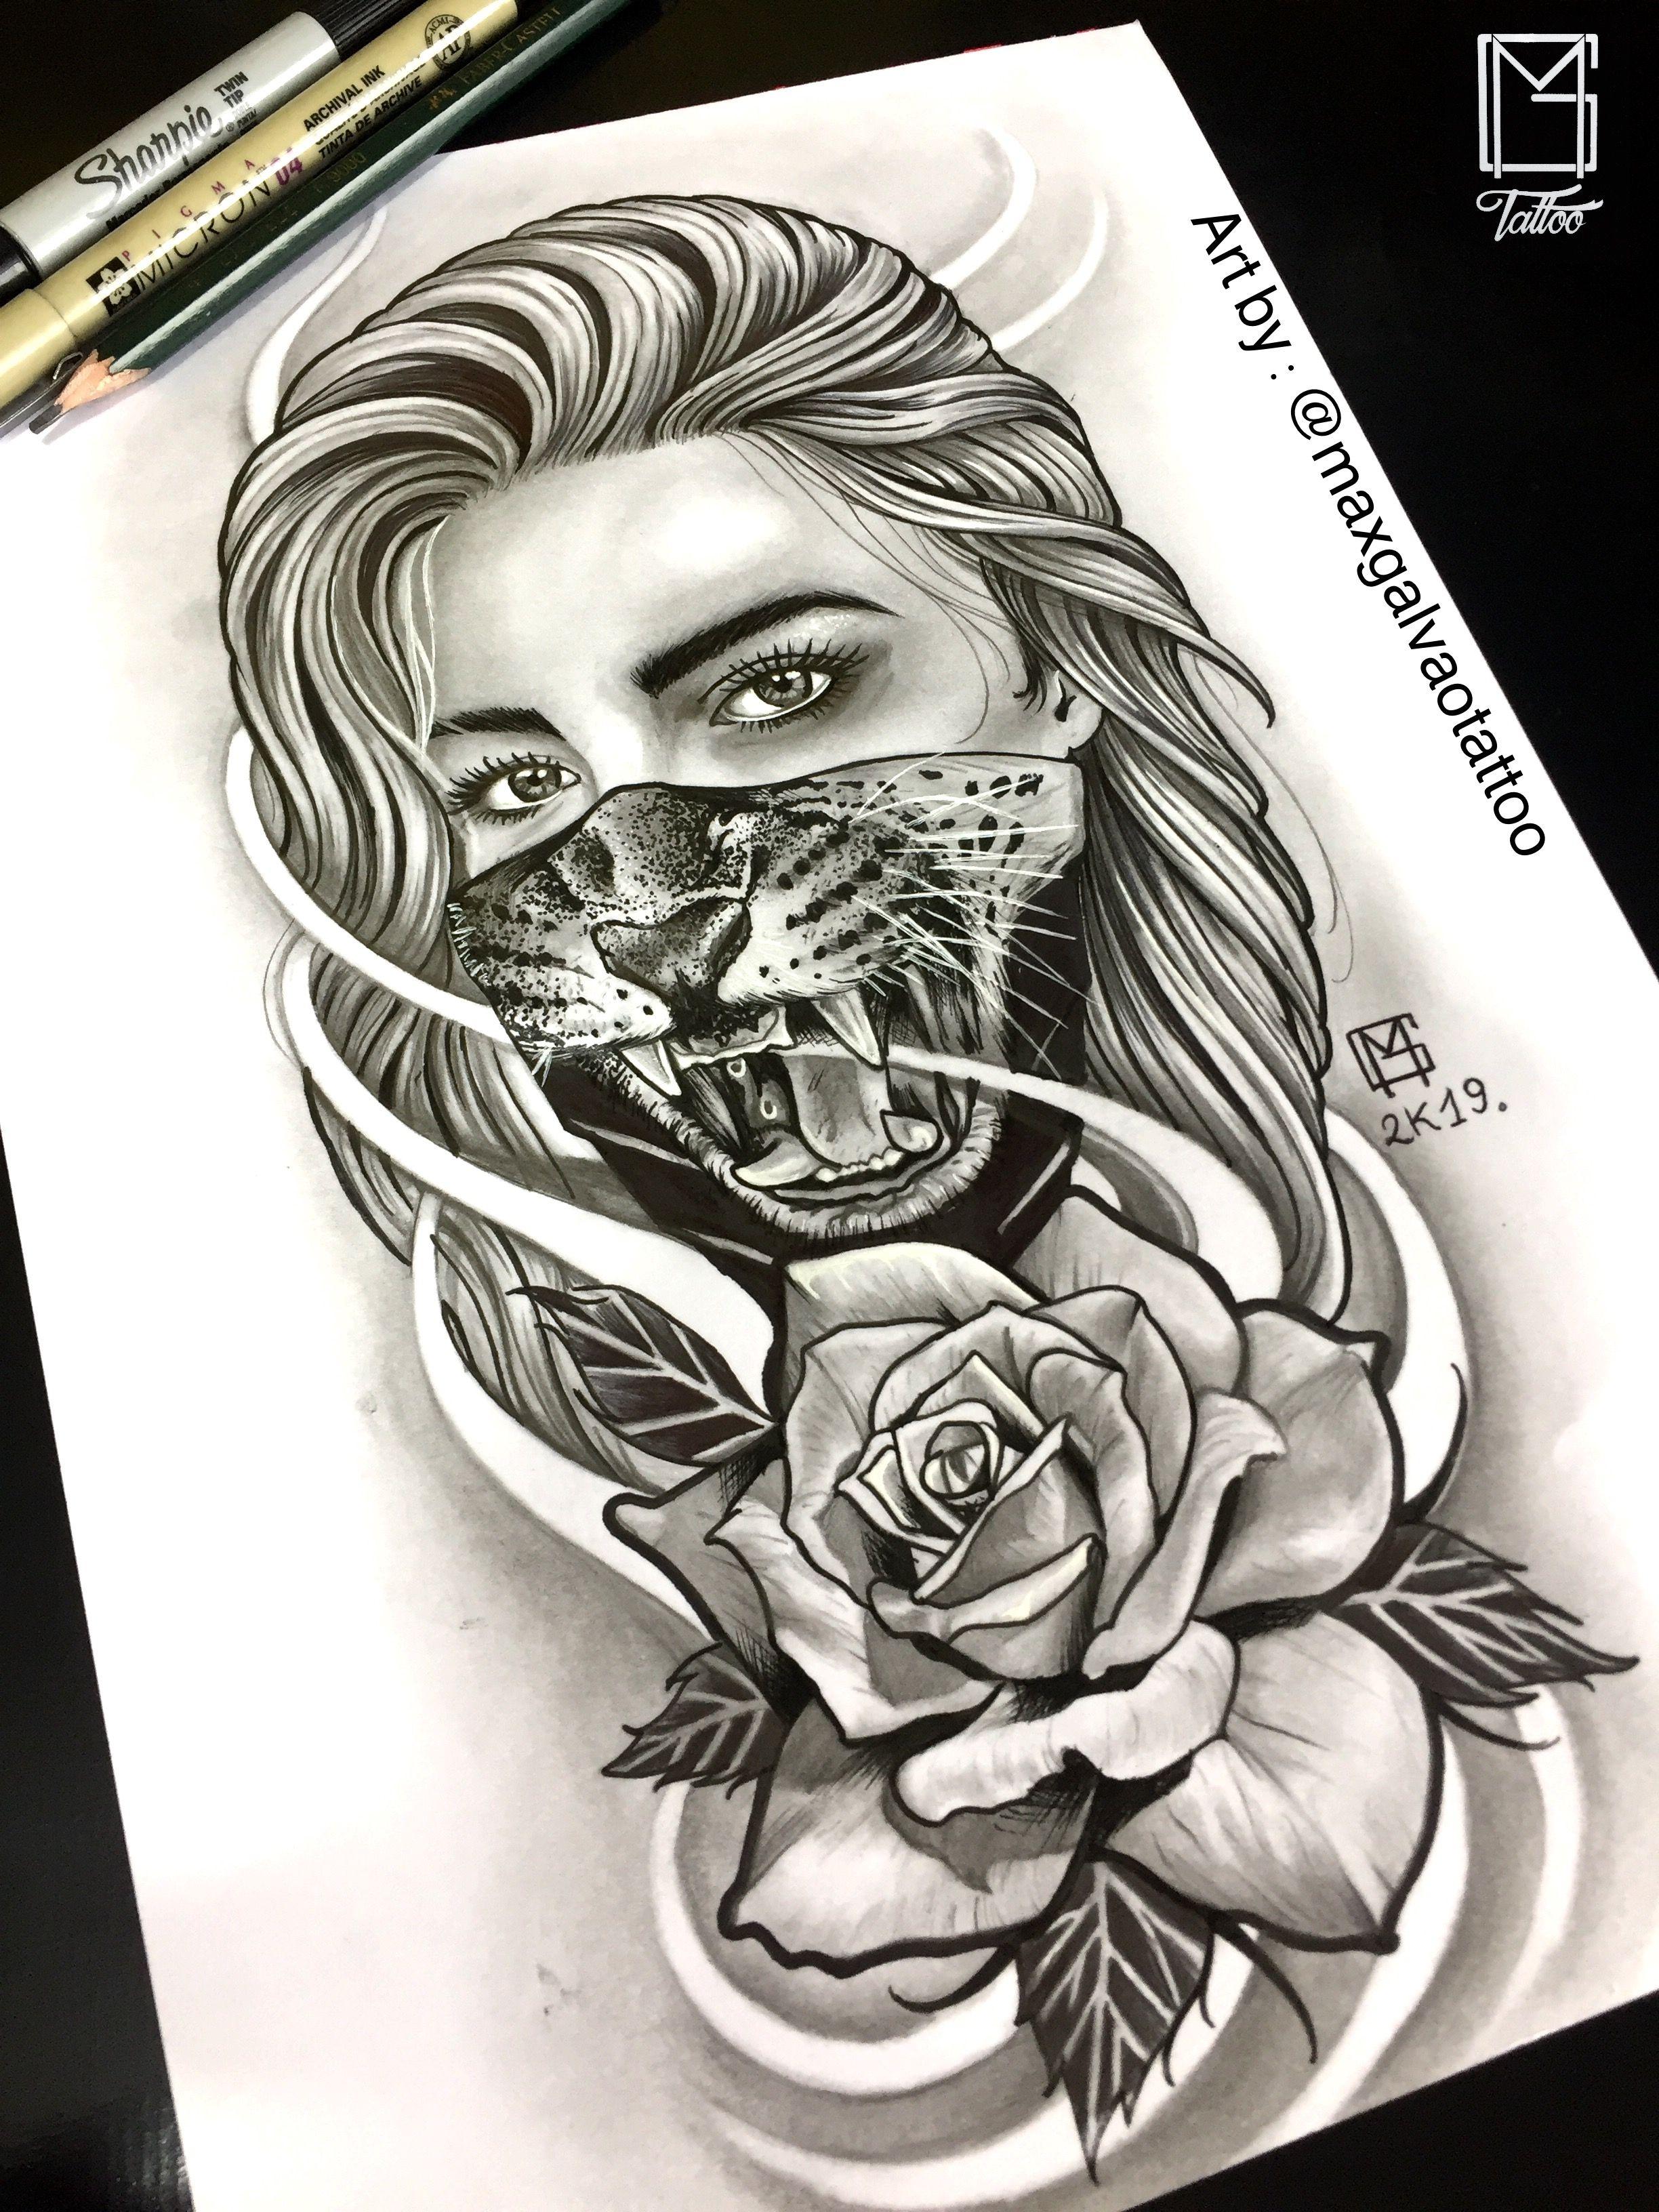 Maskgirl Tattoo Art By Maxgalvaotattoo Follow Me Chicano Tattoo Tattoo Ideias Clown Catrinatattoo Gangstagirl Ideias De Tatuagens Tatuagem Tatuagens